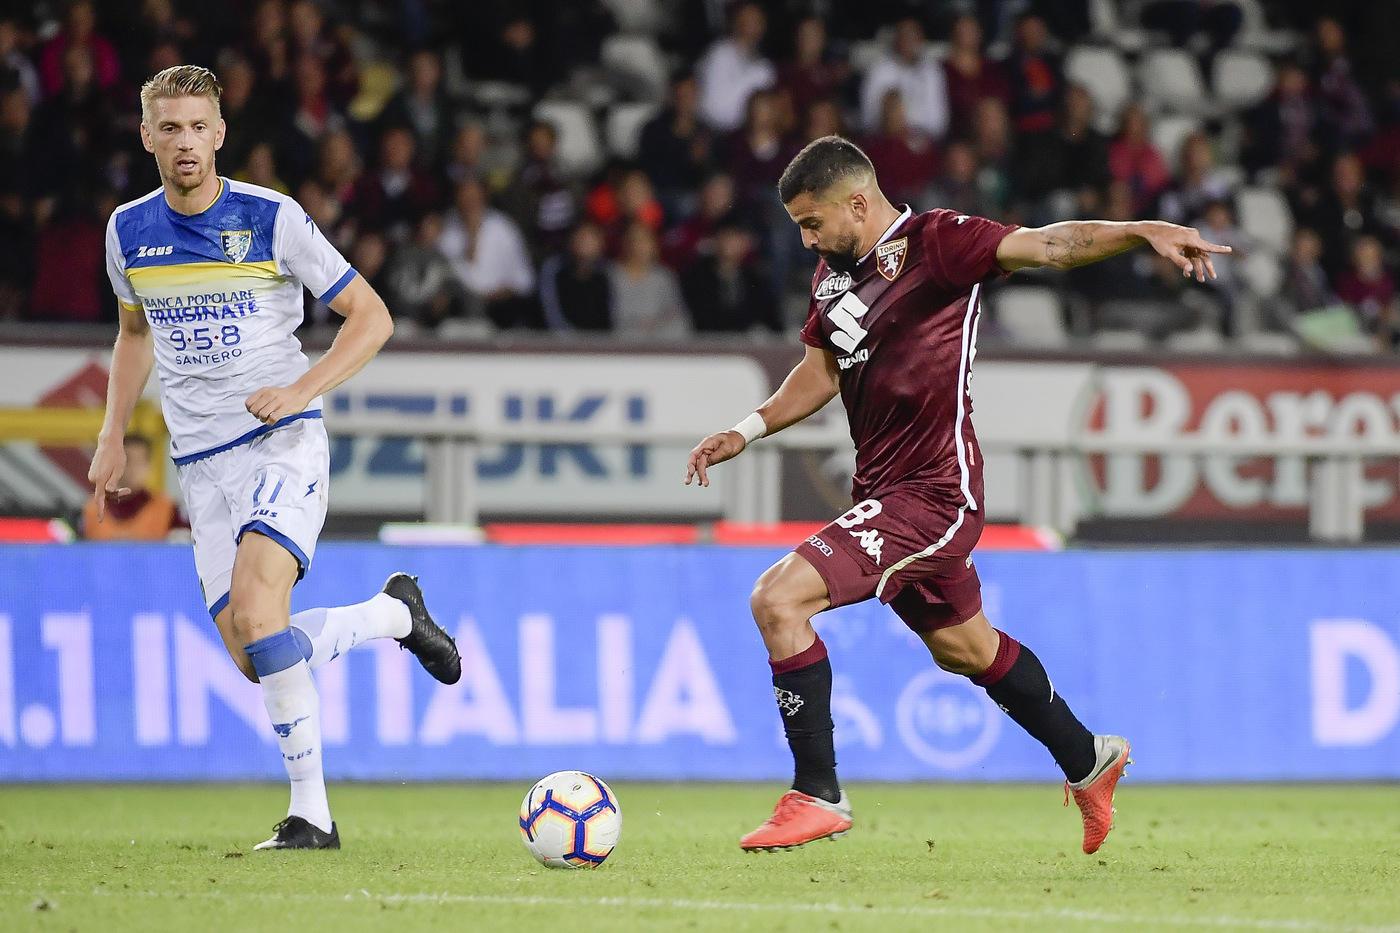 Nel primo anticipo dell'8a giornata di Serie A, il Torino batte 3-2 il Frosinone e vola momentaneamente al sesto posto, in zona Europa League. Sembra tutto facile per i granata, che sbloccano la gara con Rincon (20') e raddoppiano con Baselli (46'). I ciociari hanno una reazione d'orgoglio e in 6 minuti trovano il pareggio con Goldaniga (58') e Ciano (64'). A decidere la sfida uno splendido tiro di Berenguer (71'). La panchina di Longo scotta più che mai.